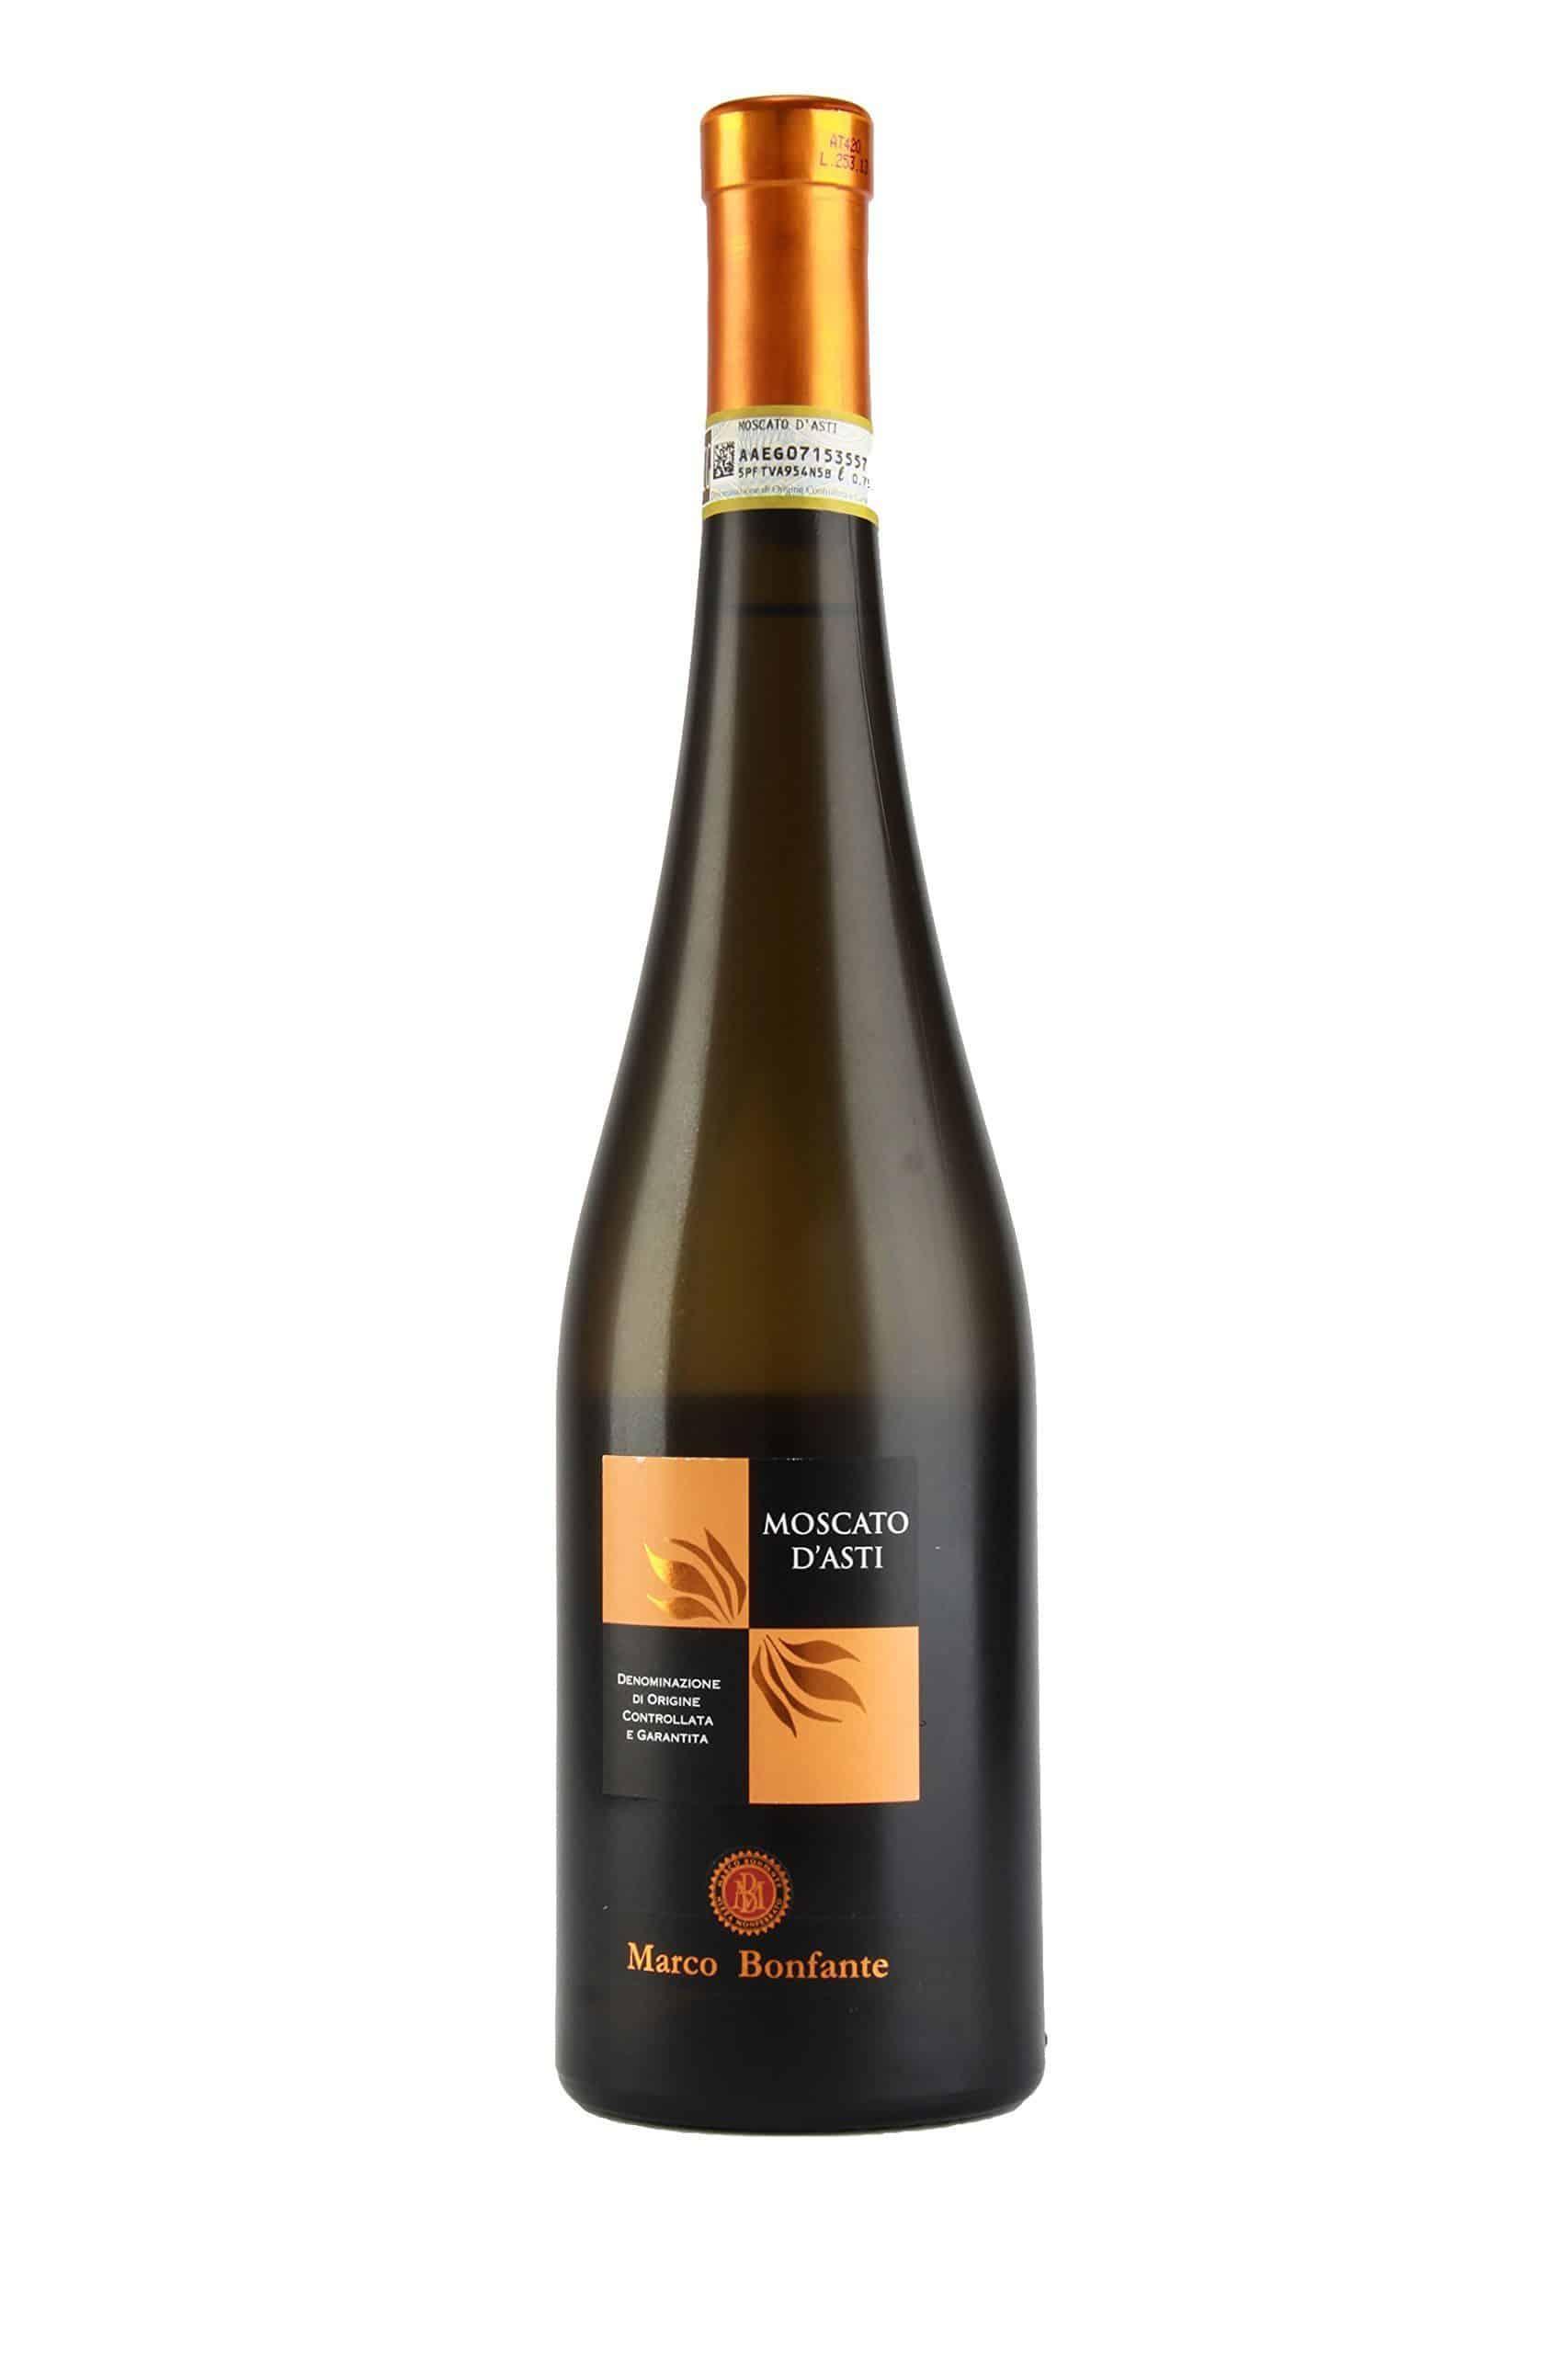 2012 Marco Bonfante Moscato D'Asti Wine